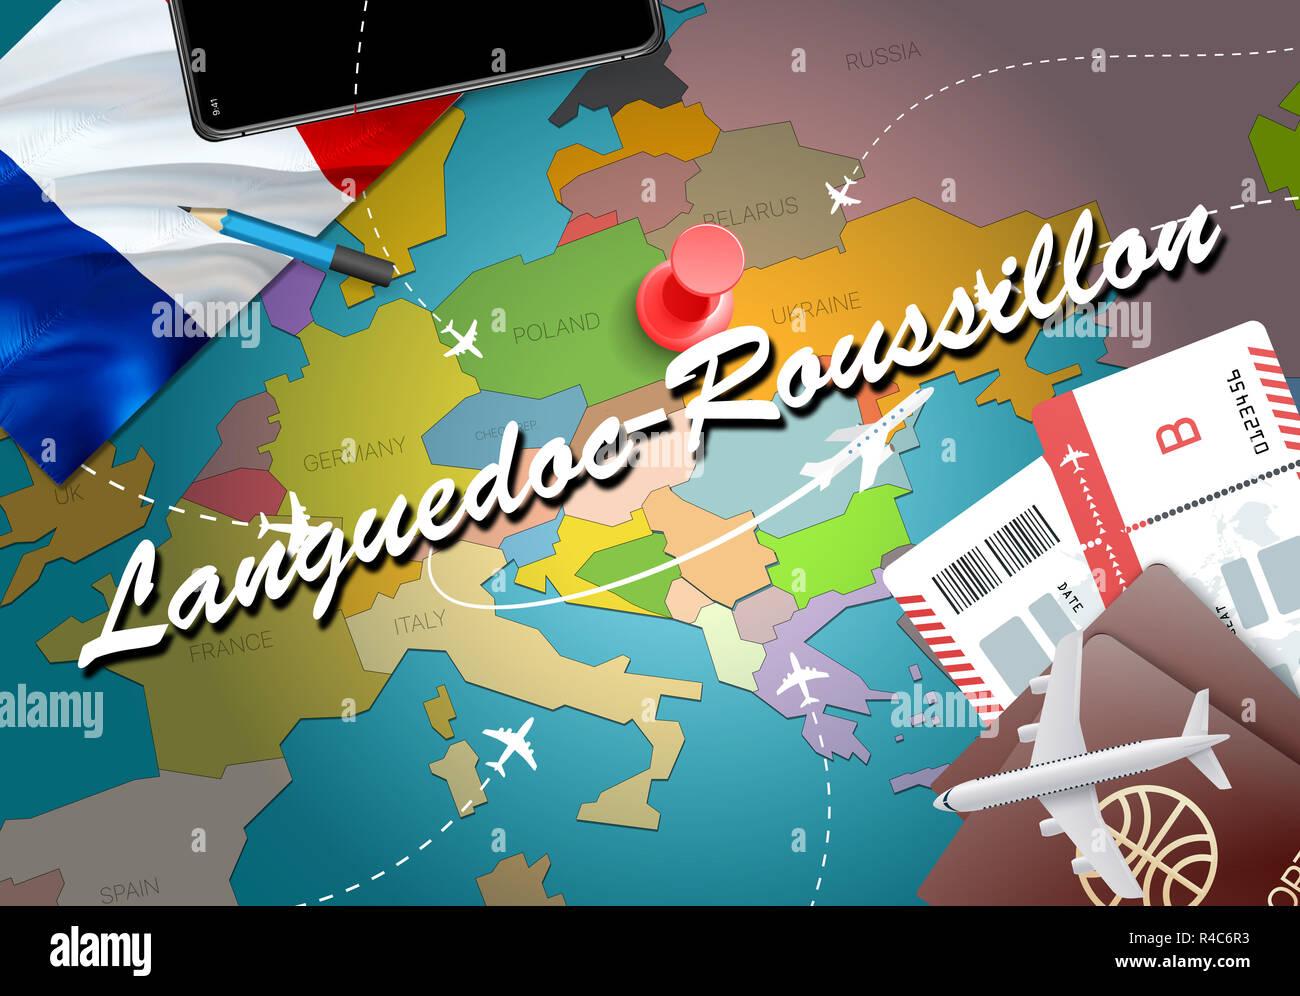 Languedoc-Roussillon city travel and tourism destination ...